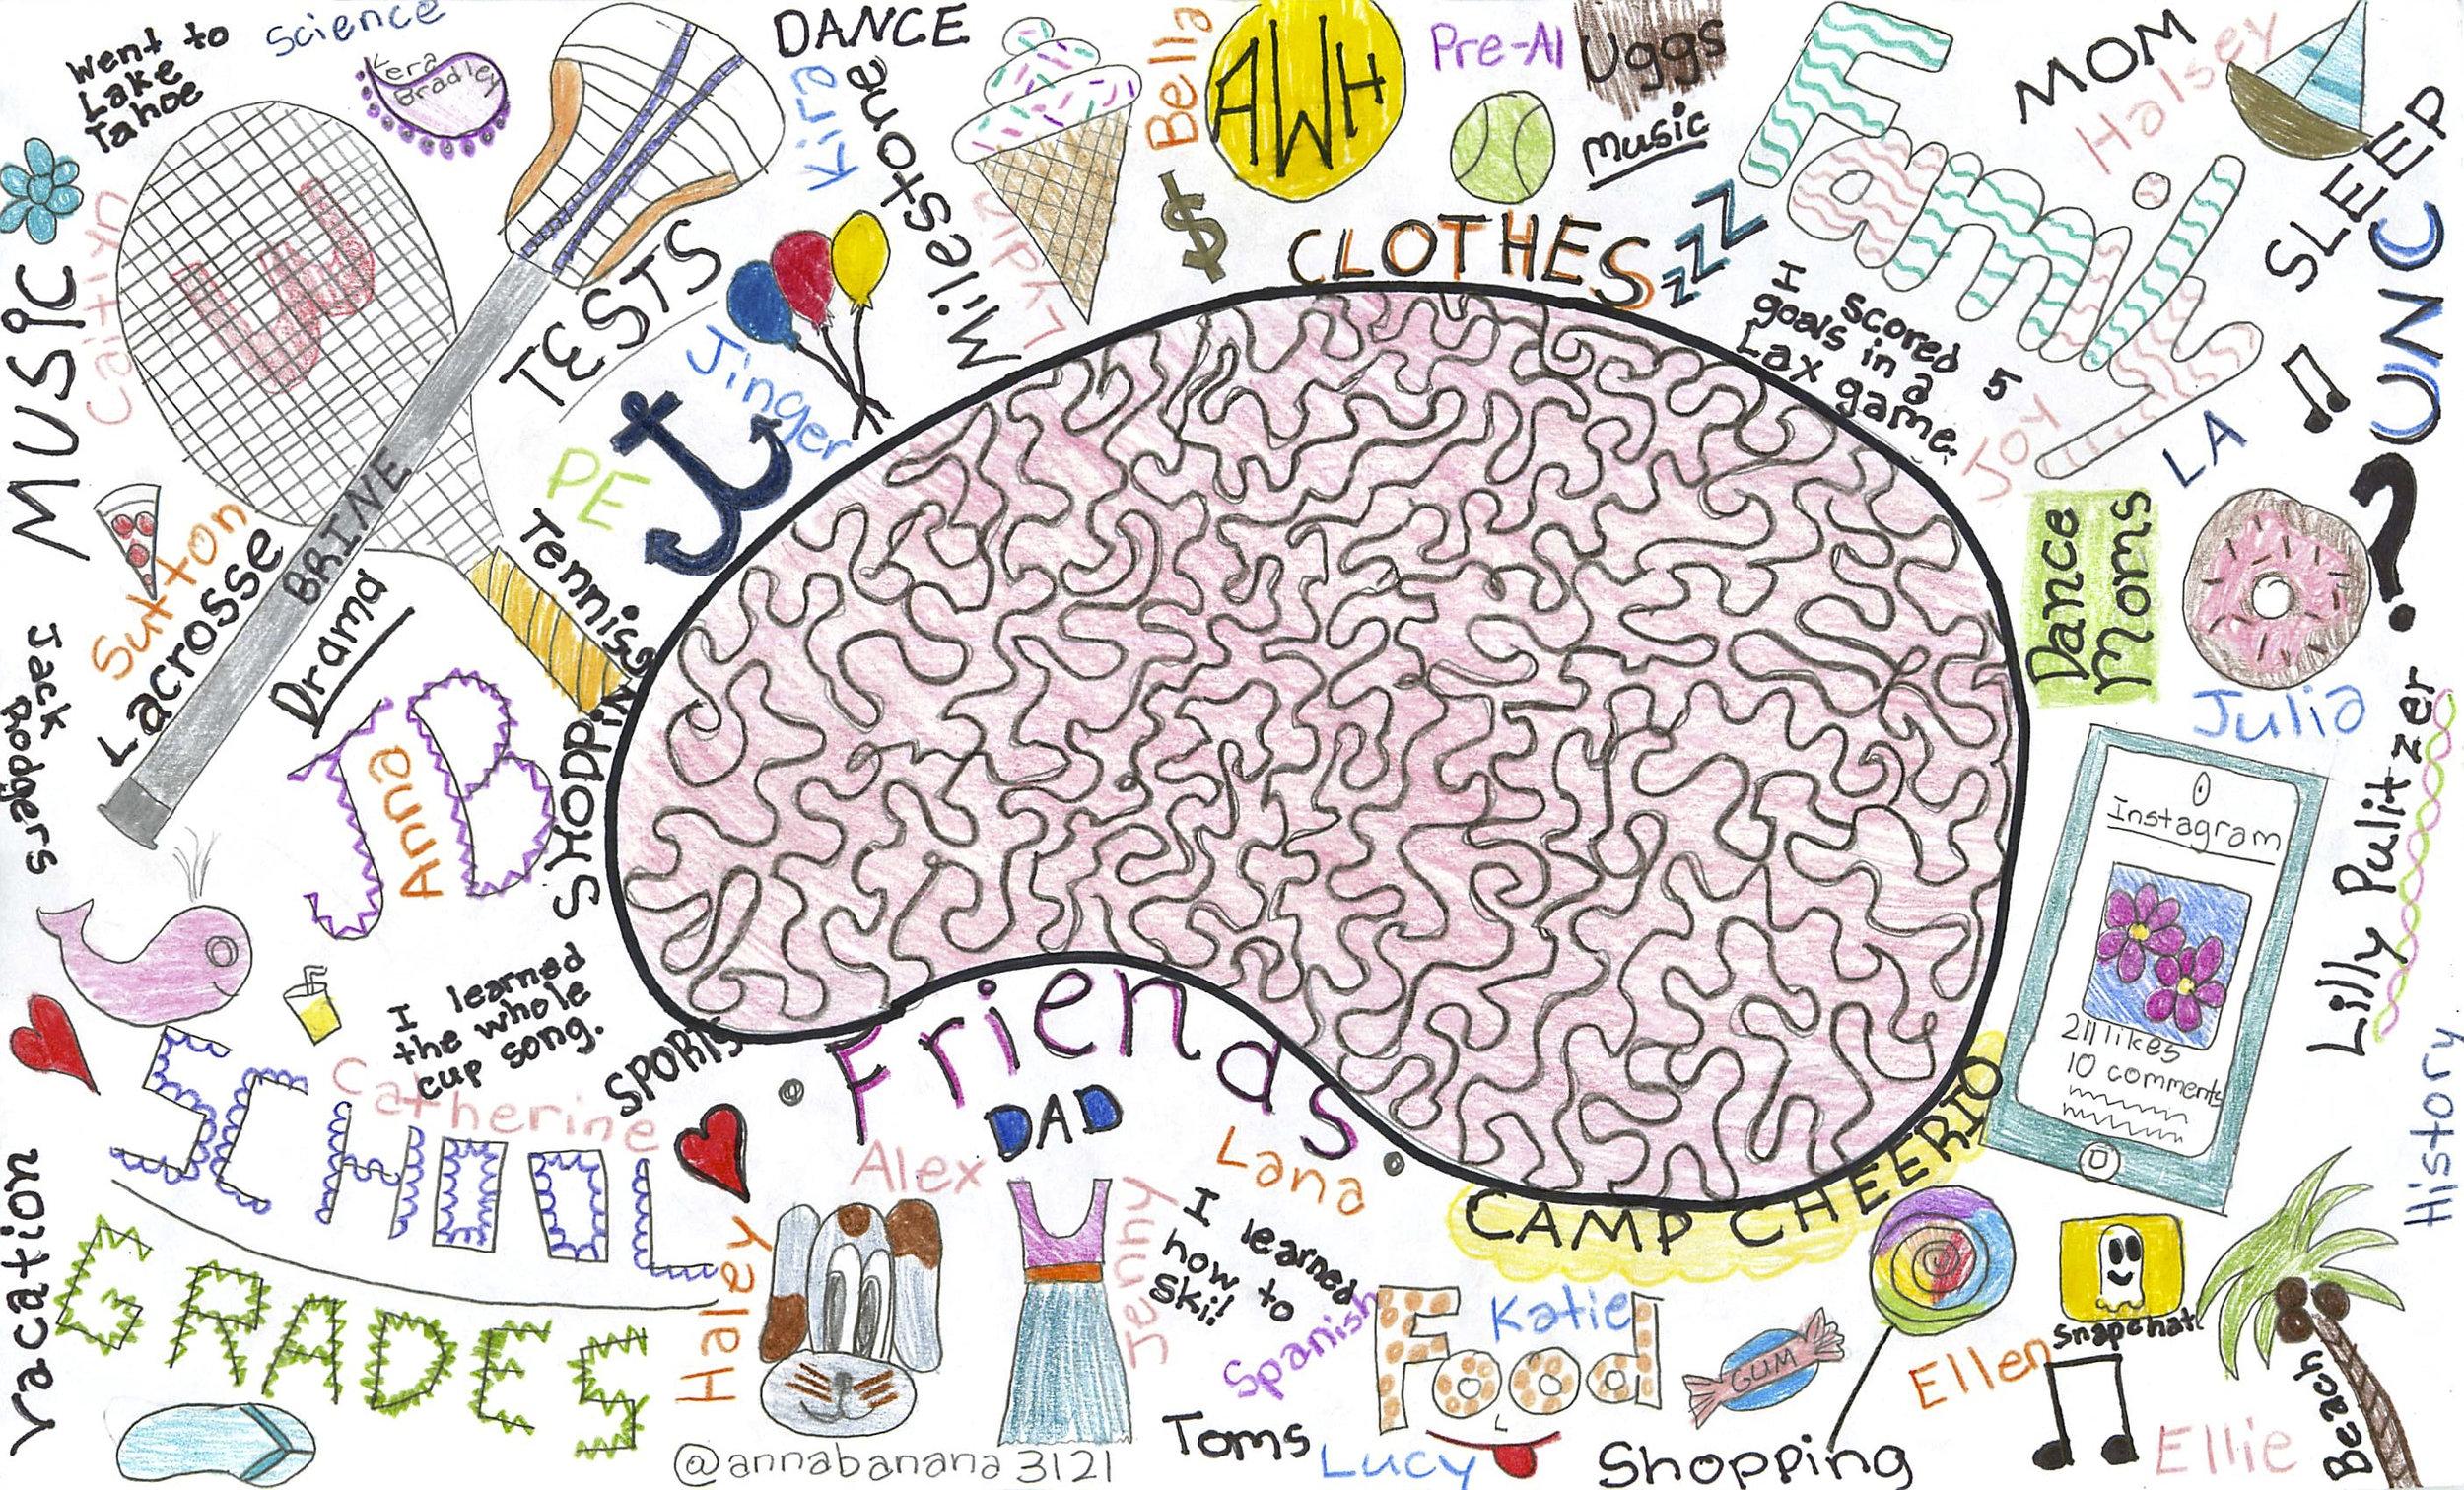 9 6th brain donnelly annawestbrain.jpg